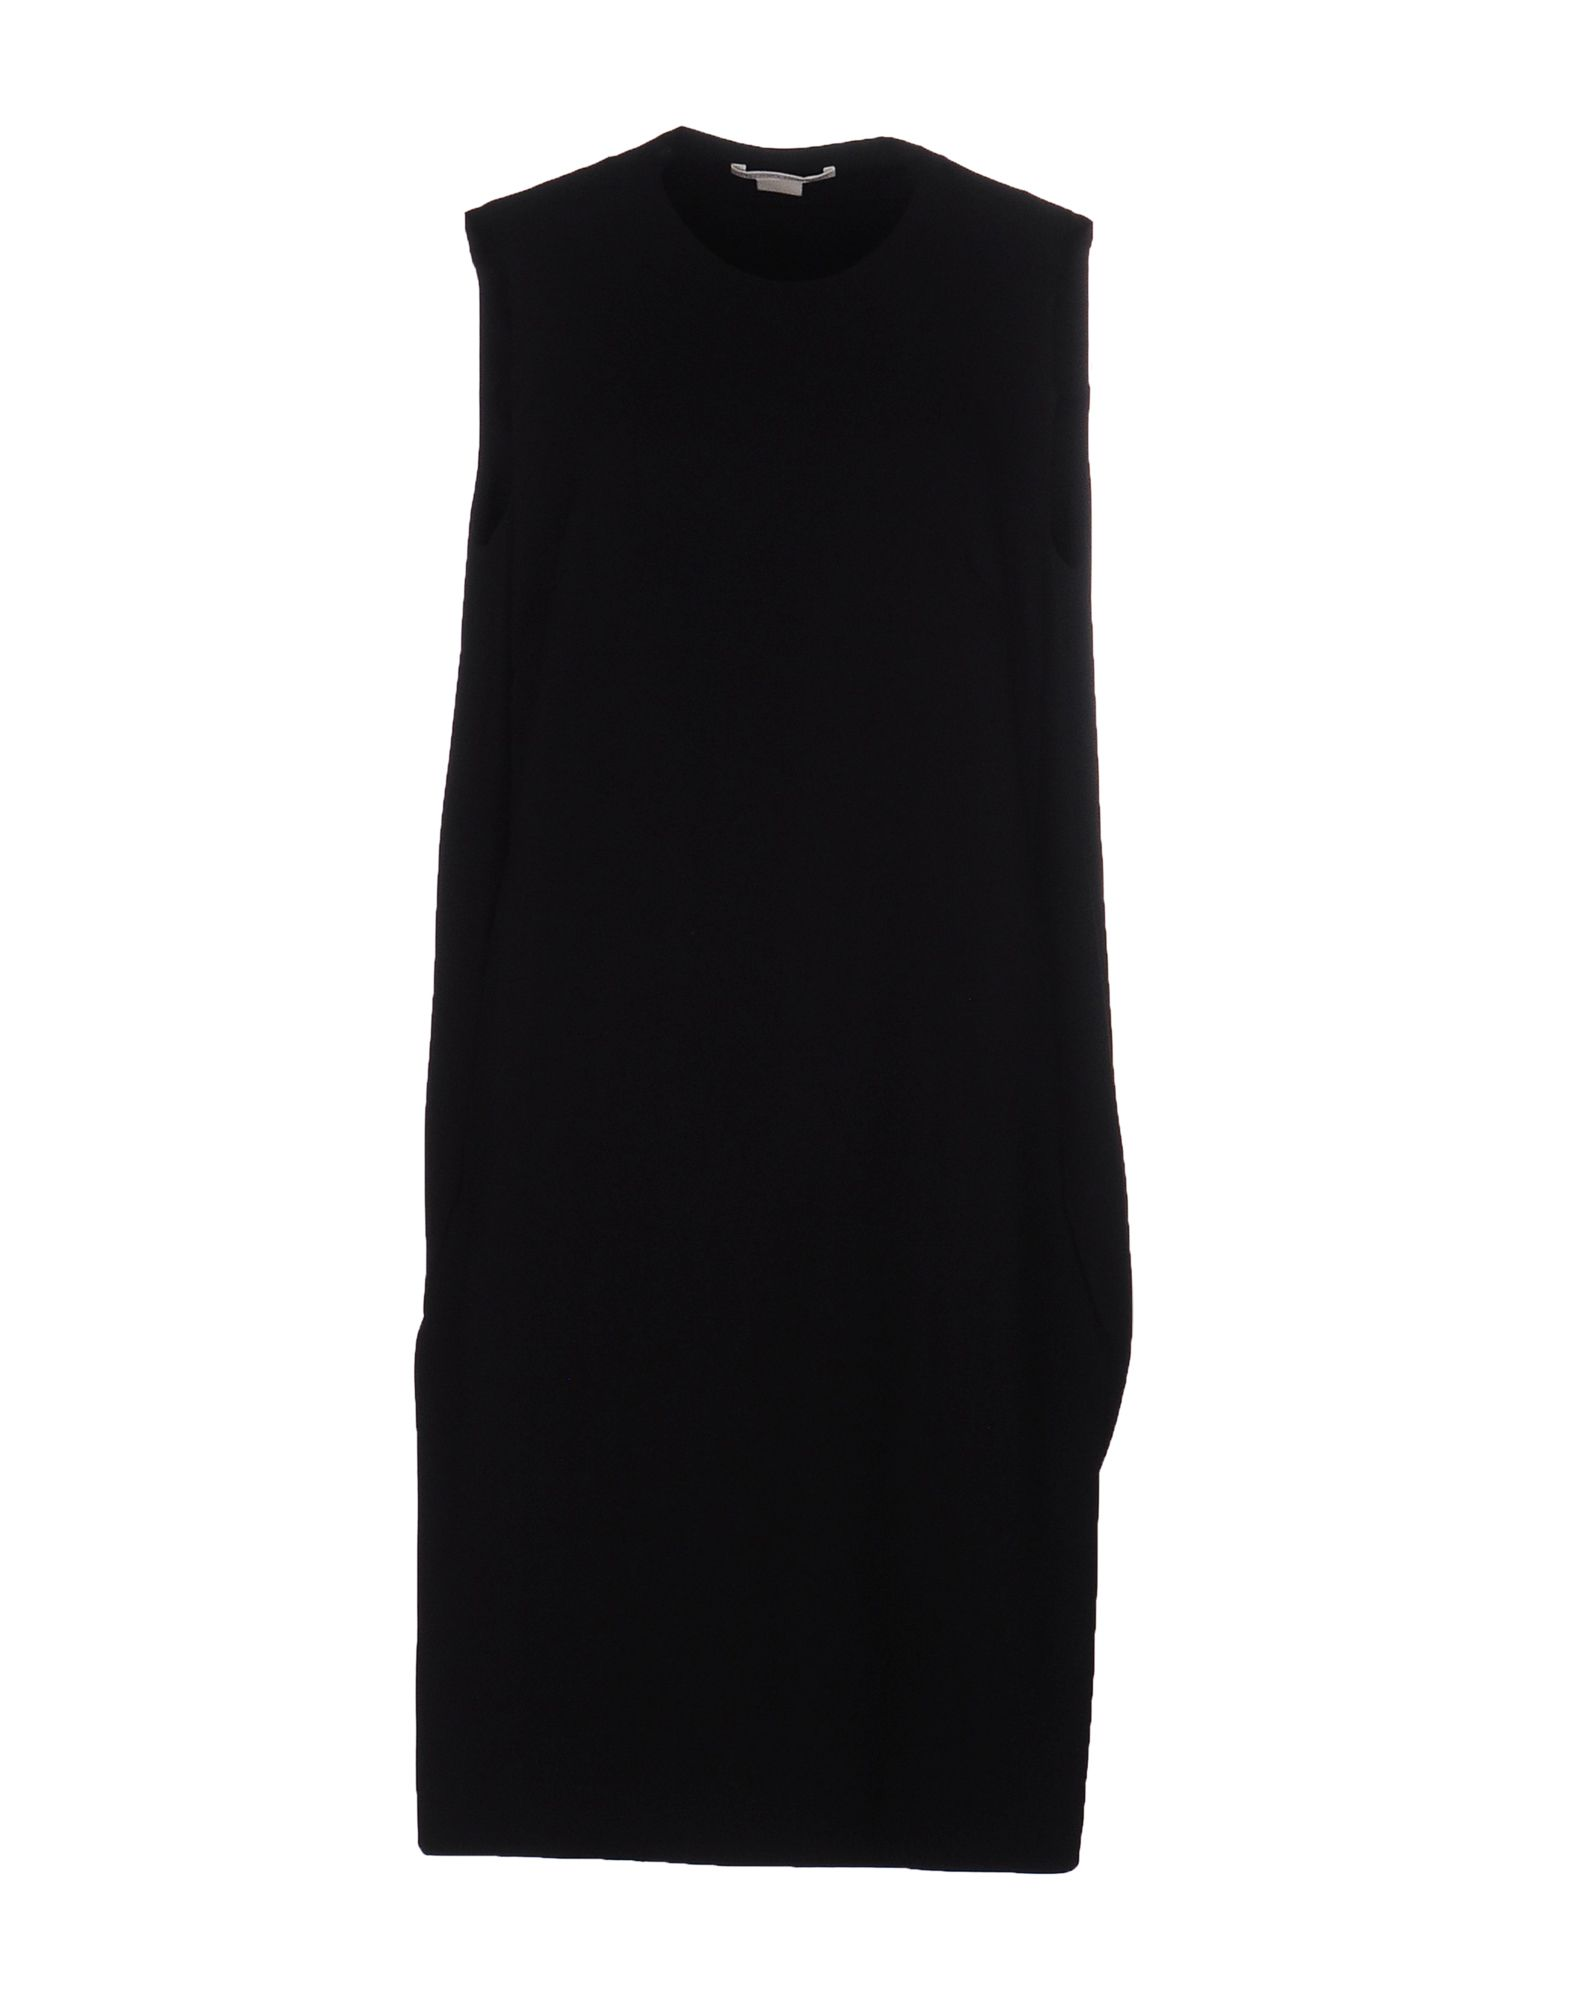 купить ANTONIO BERARDI Короткое платье по цене 13250 рублей